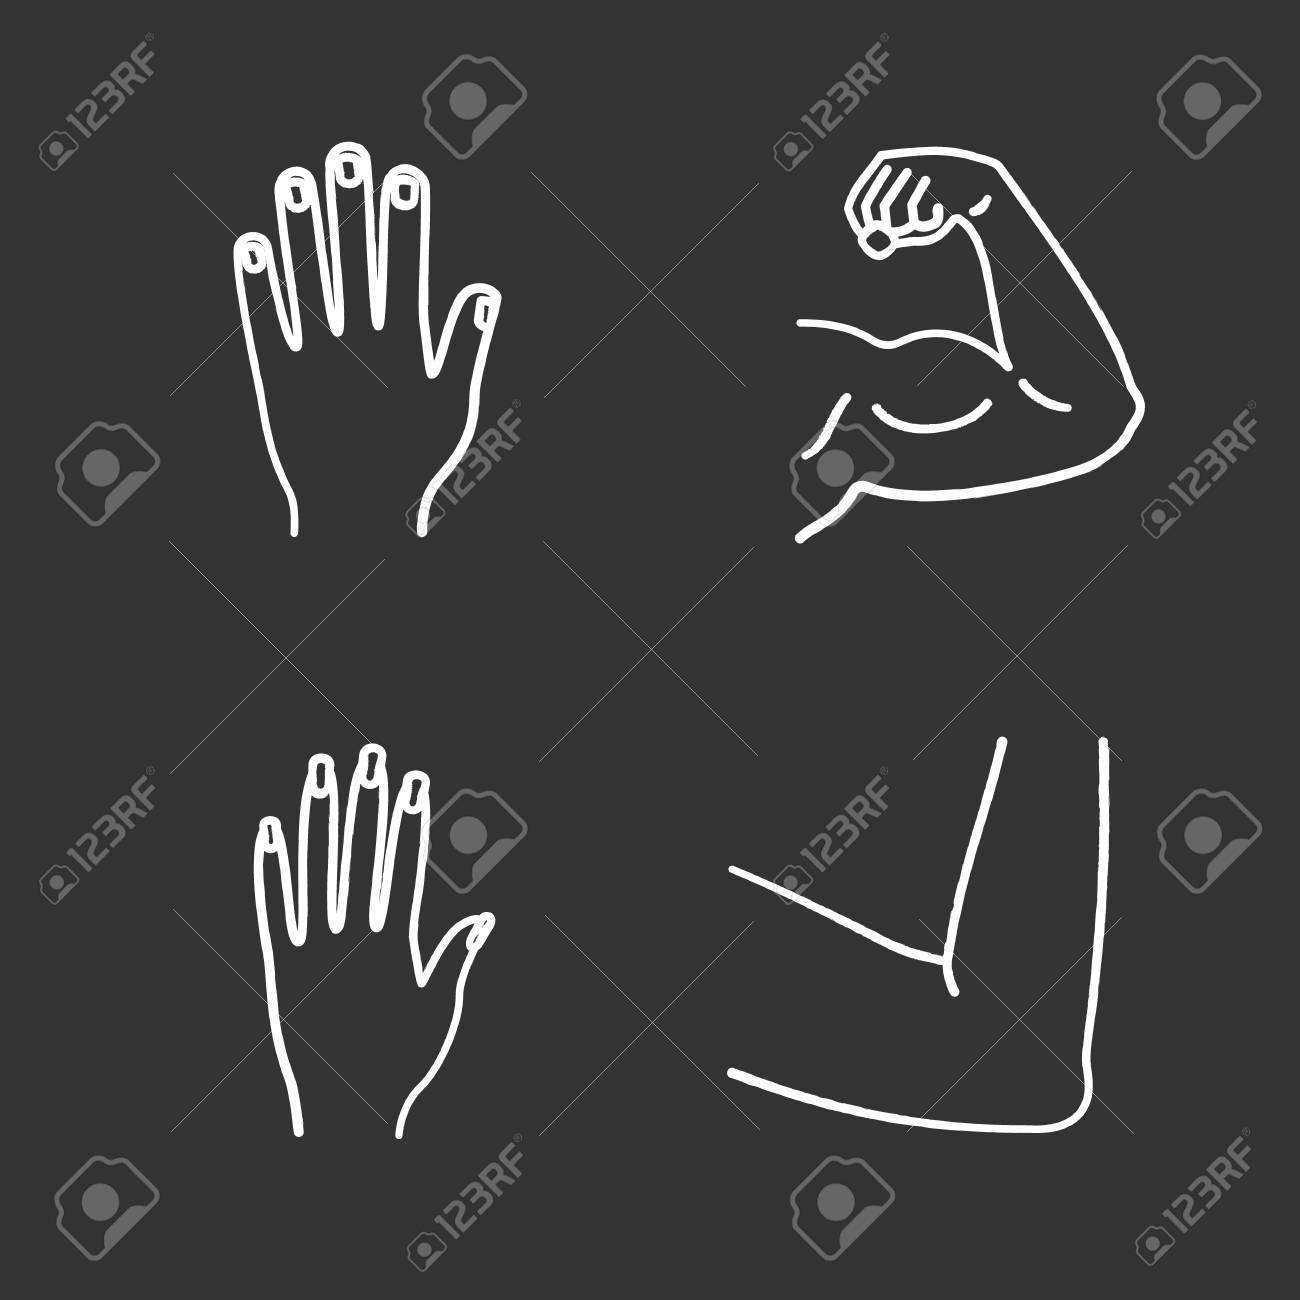 Conjunto De Iconos De Tiza De Partes Del Cuerpo Humano. Manos ...